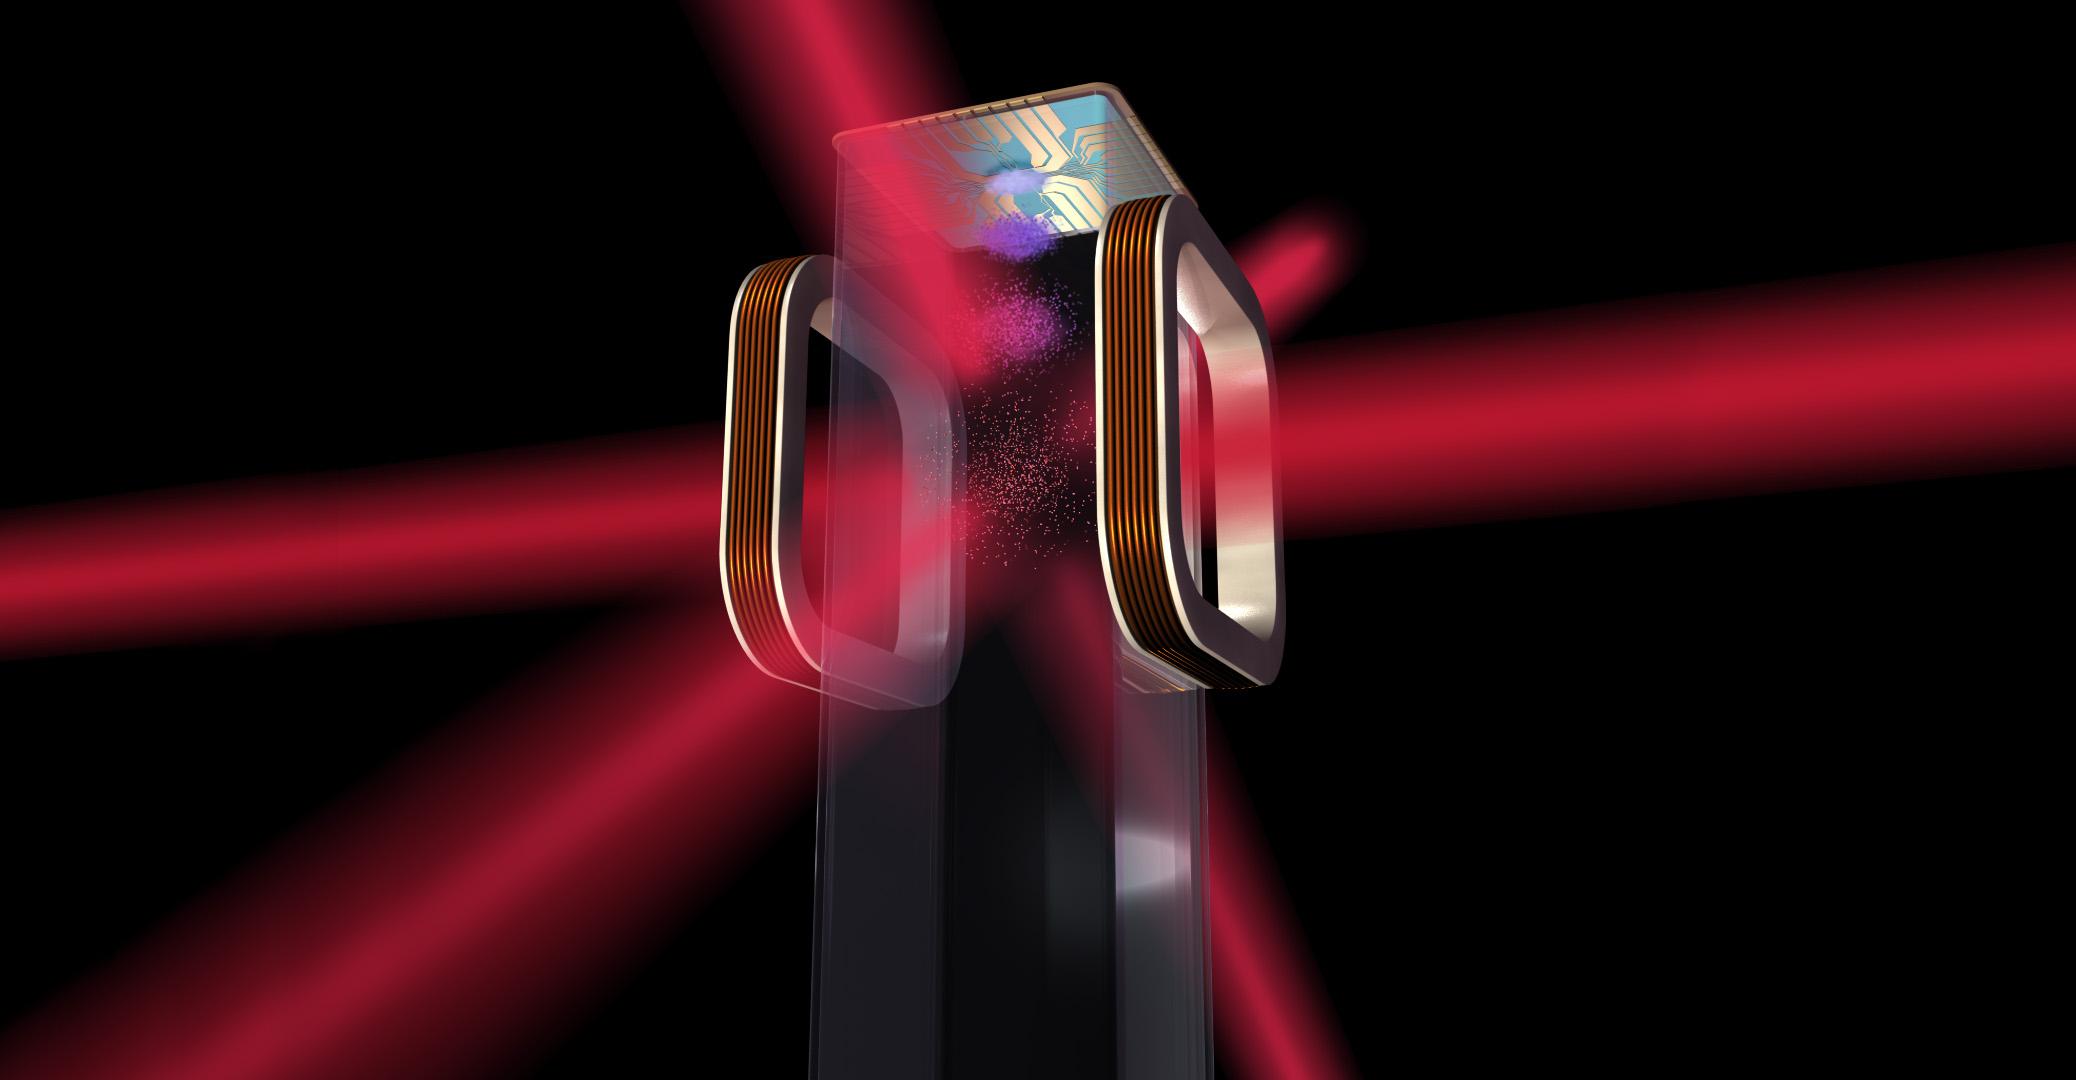 Allo studio interferometri per misurare le onde gravitazionali